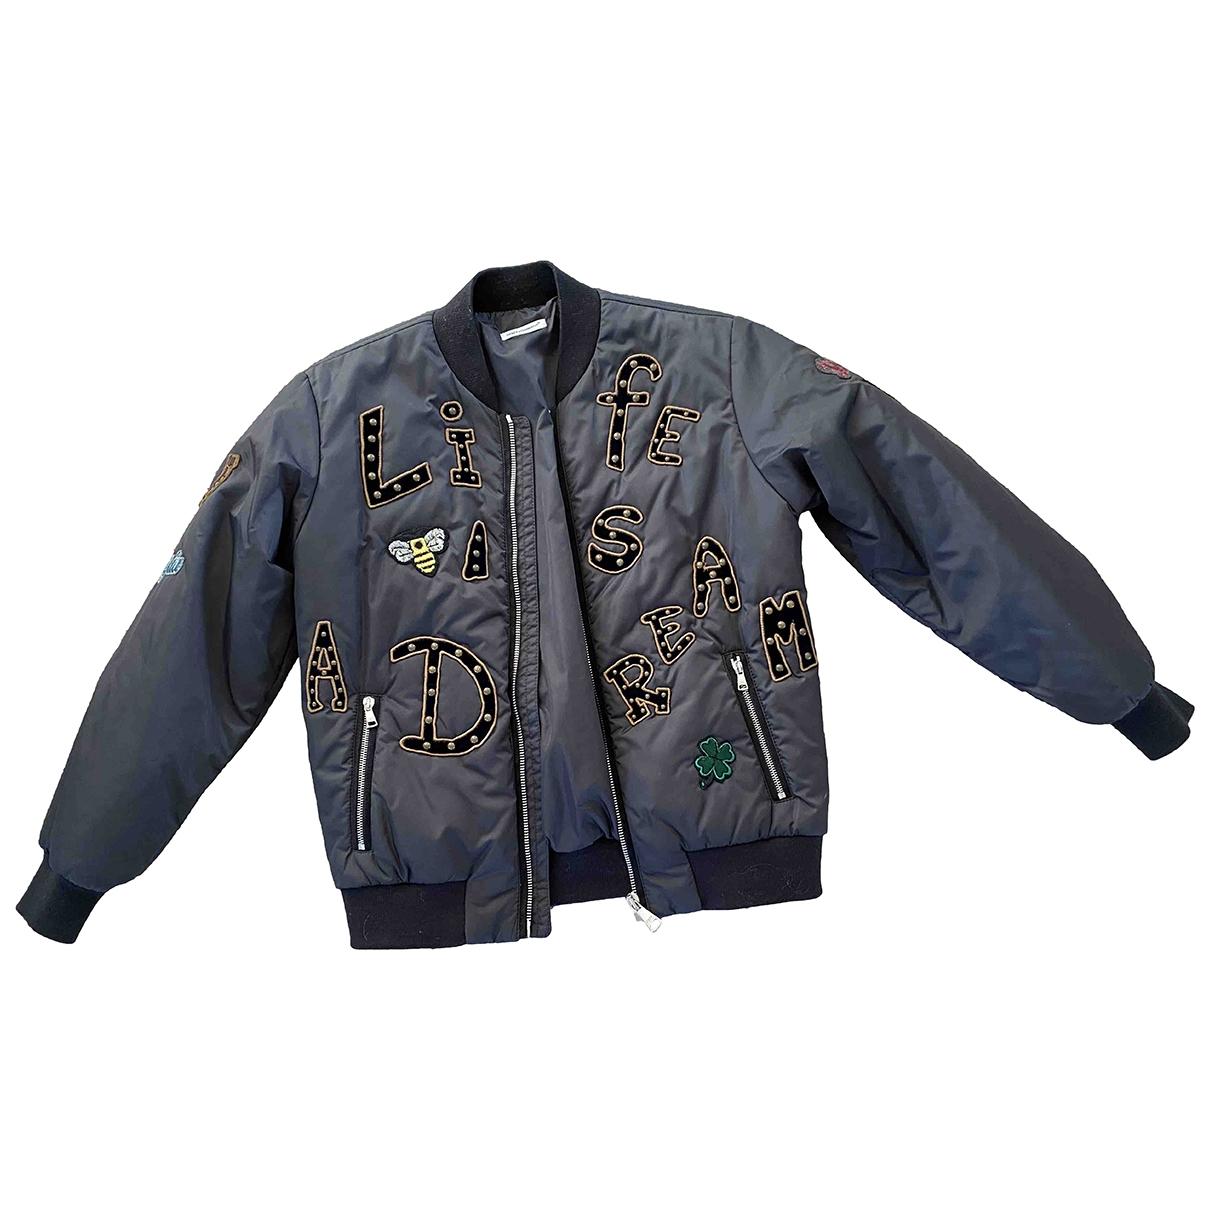 Dolce & Gabbana - Blousons.Manteaux   pour enfant - anthracite